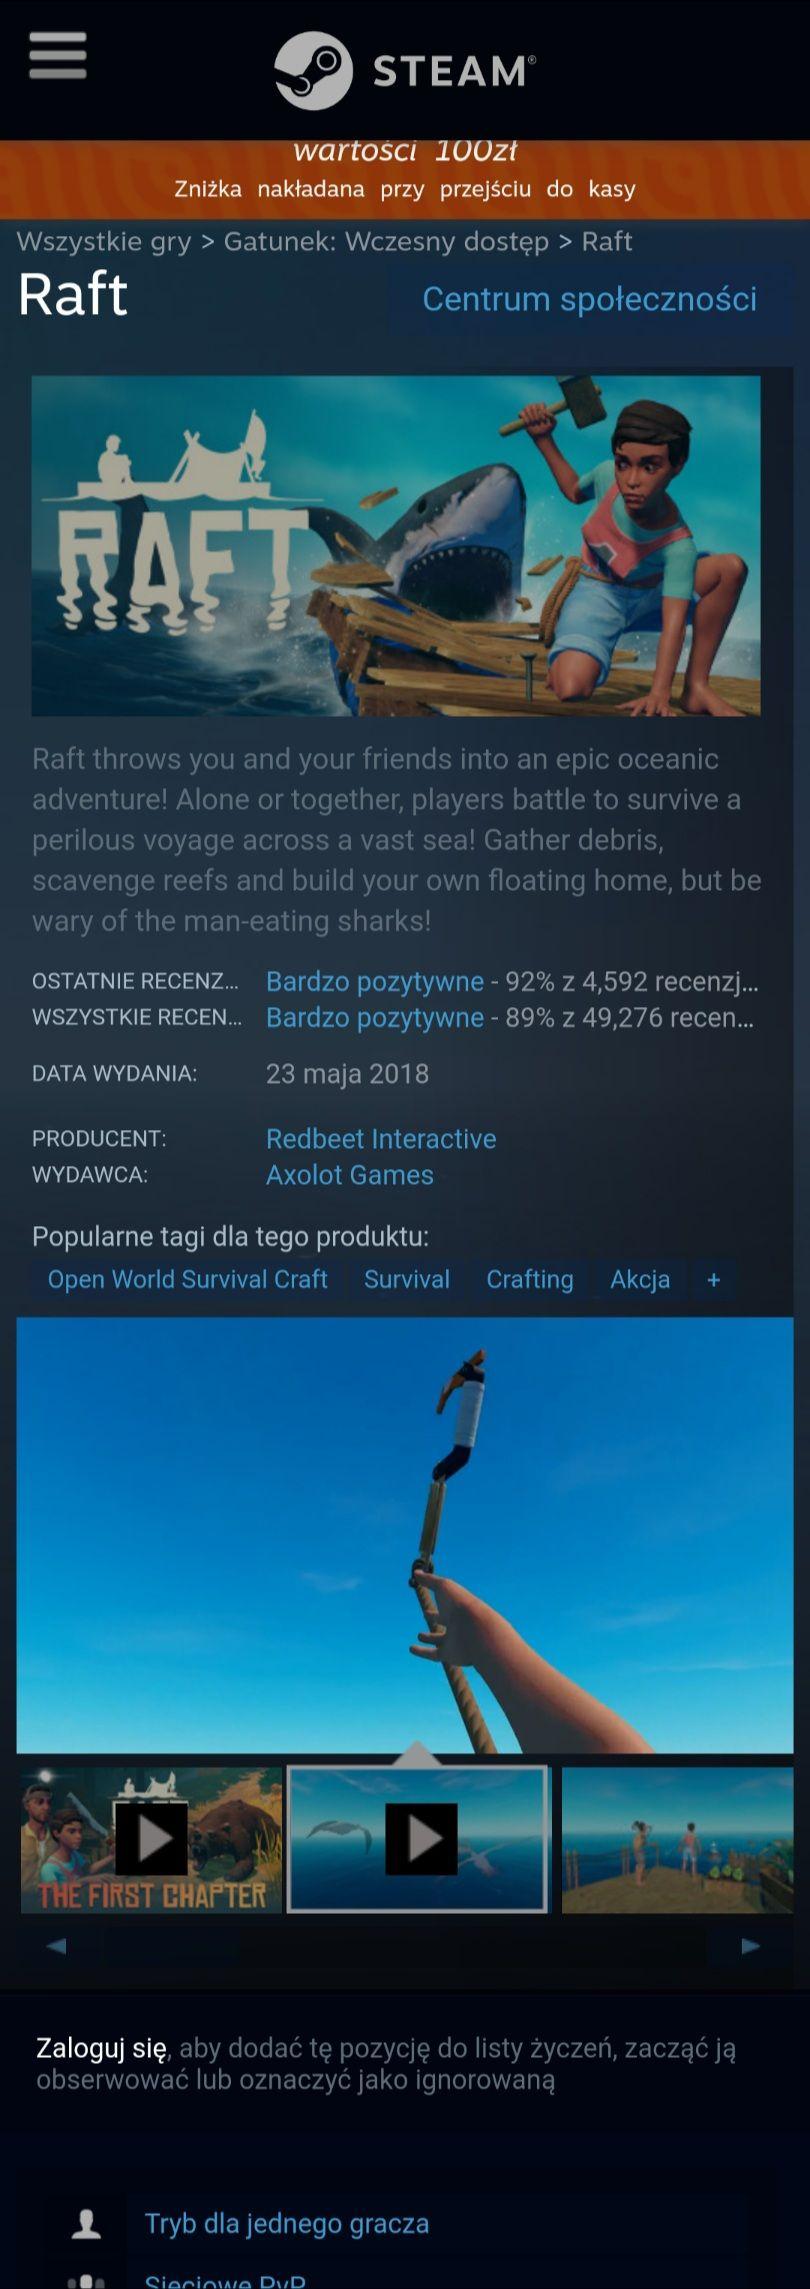 279151.jpg